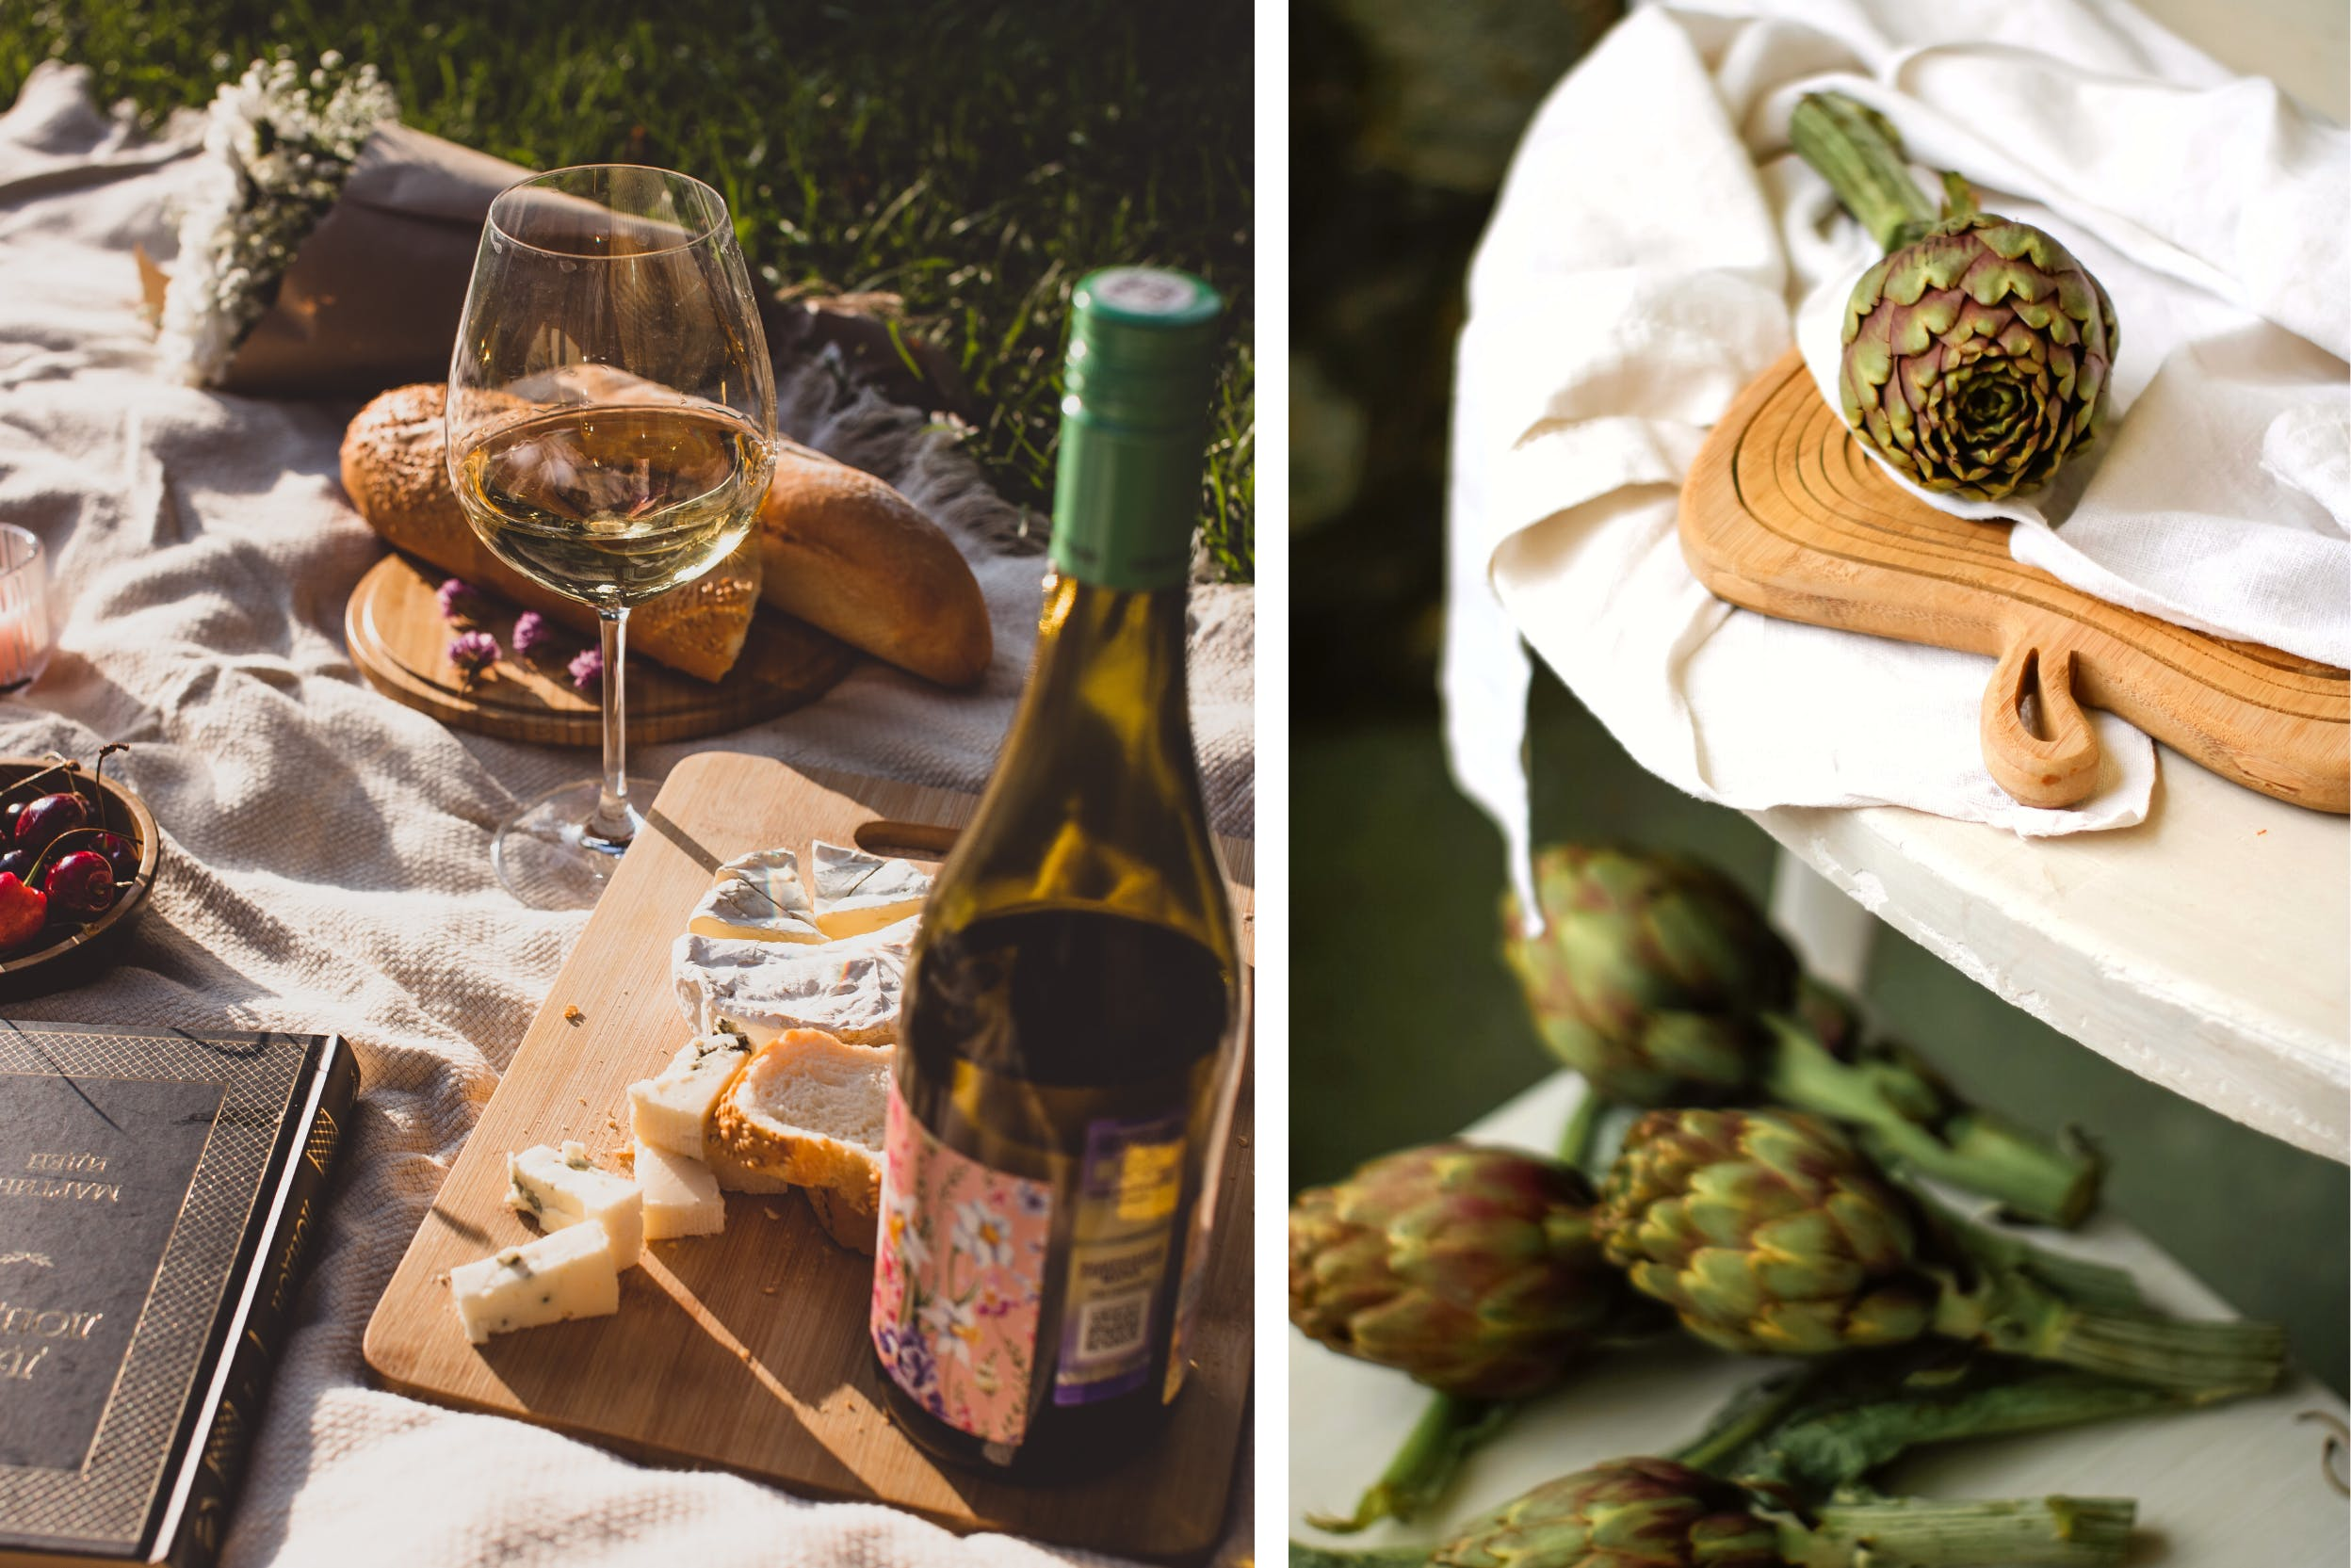 Picknickdecke mit Wein und selbst zubereiteten Happen aus beispielsweise Artischocken